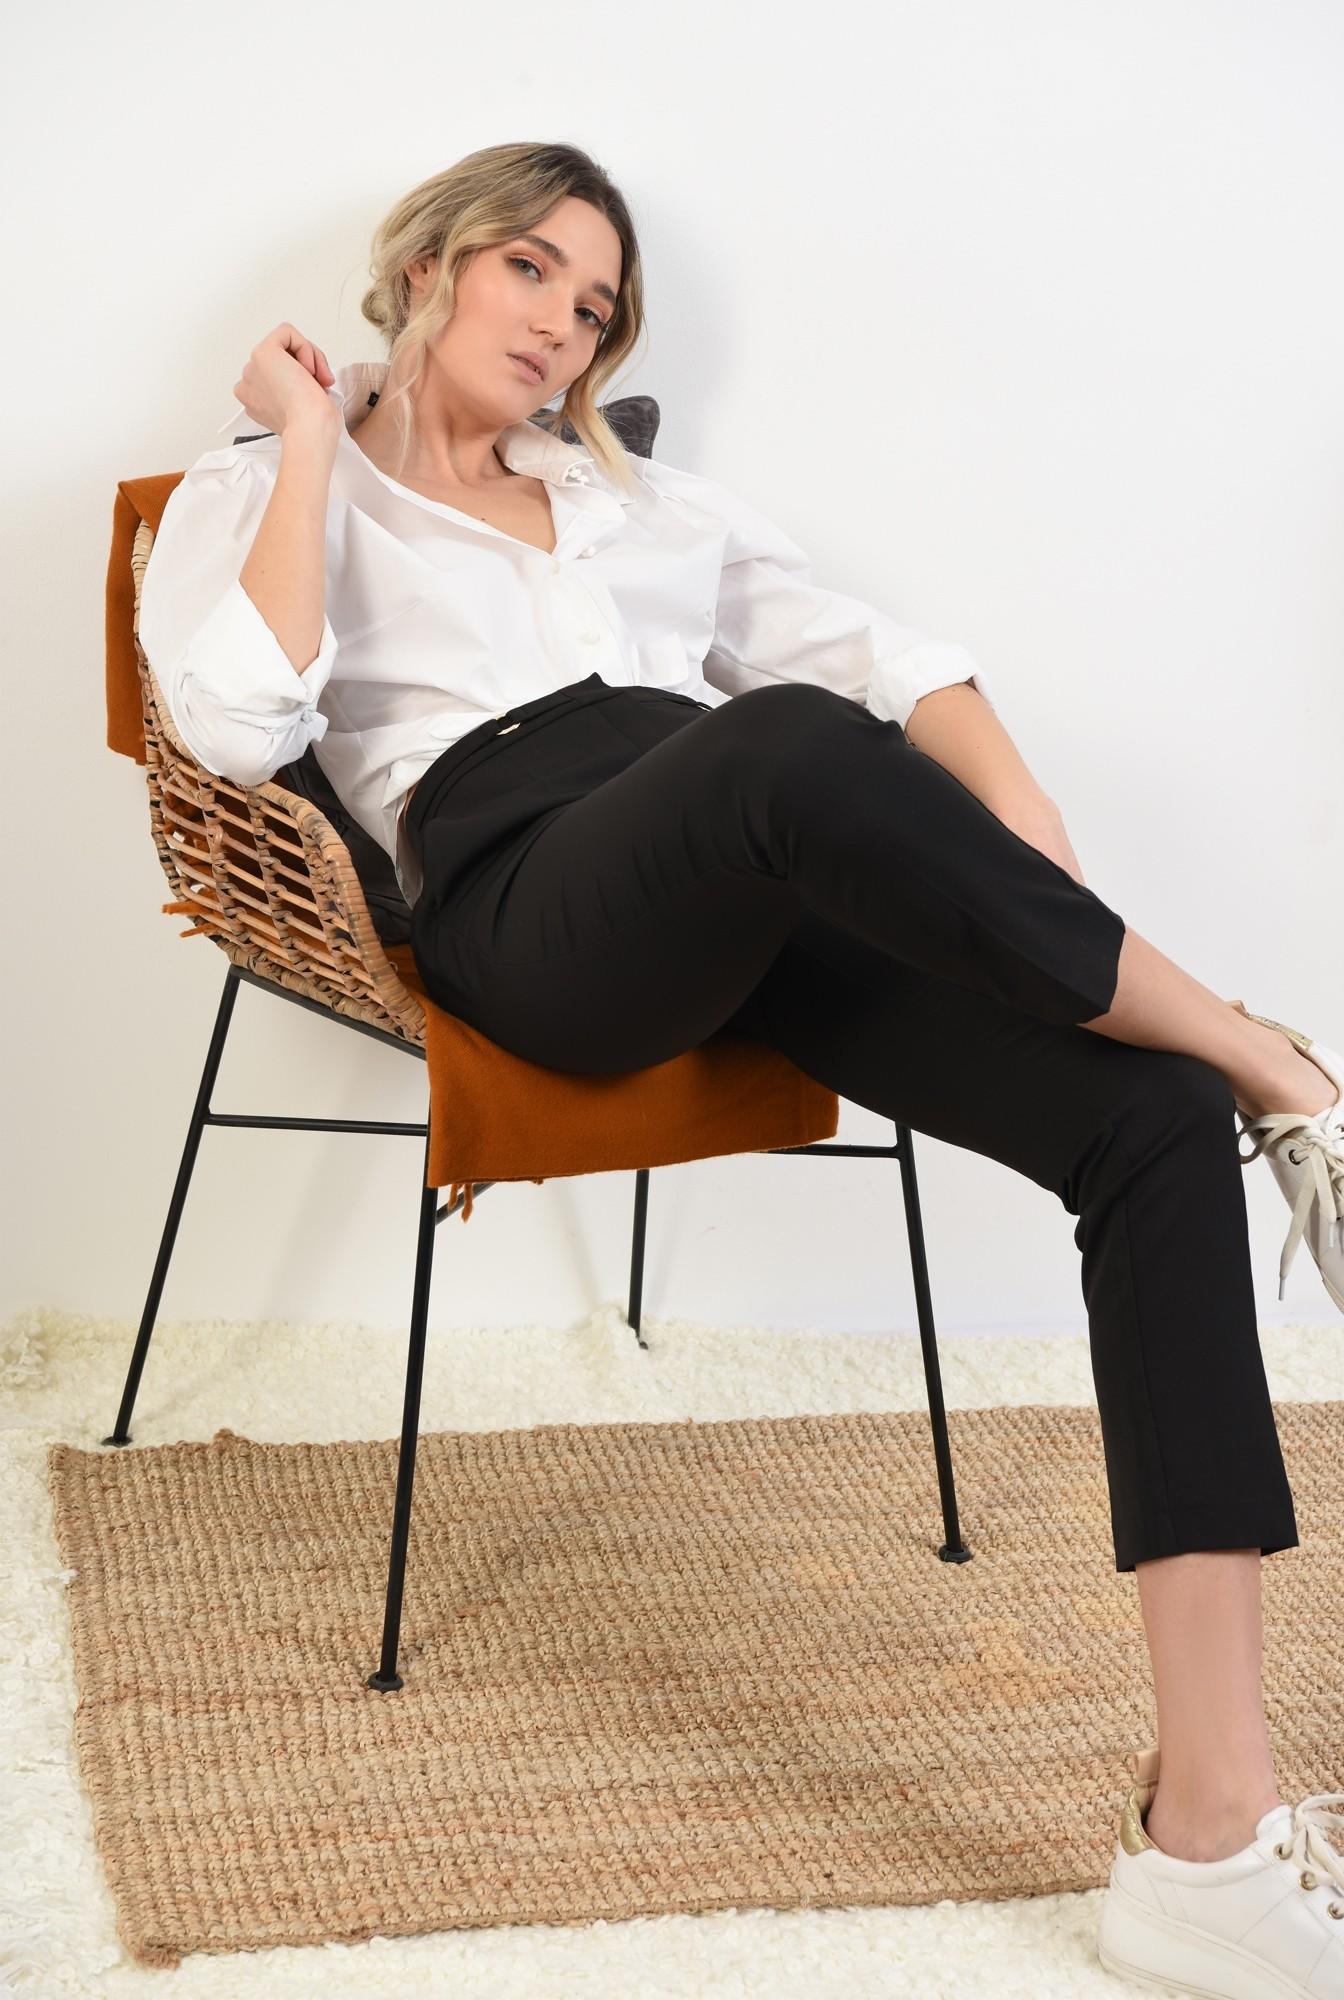 0 - pantaloni conici, office, cu buzunare, talie medie, betelie cu detalii